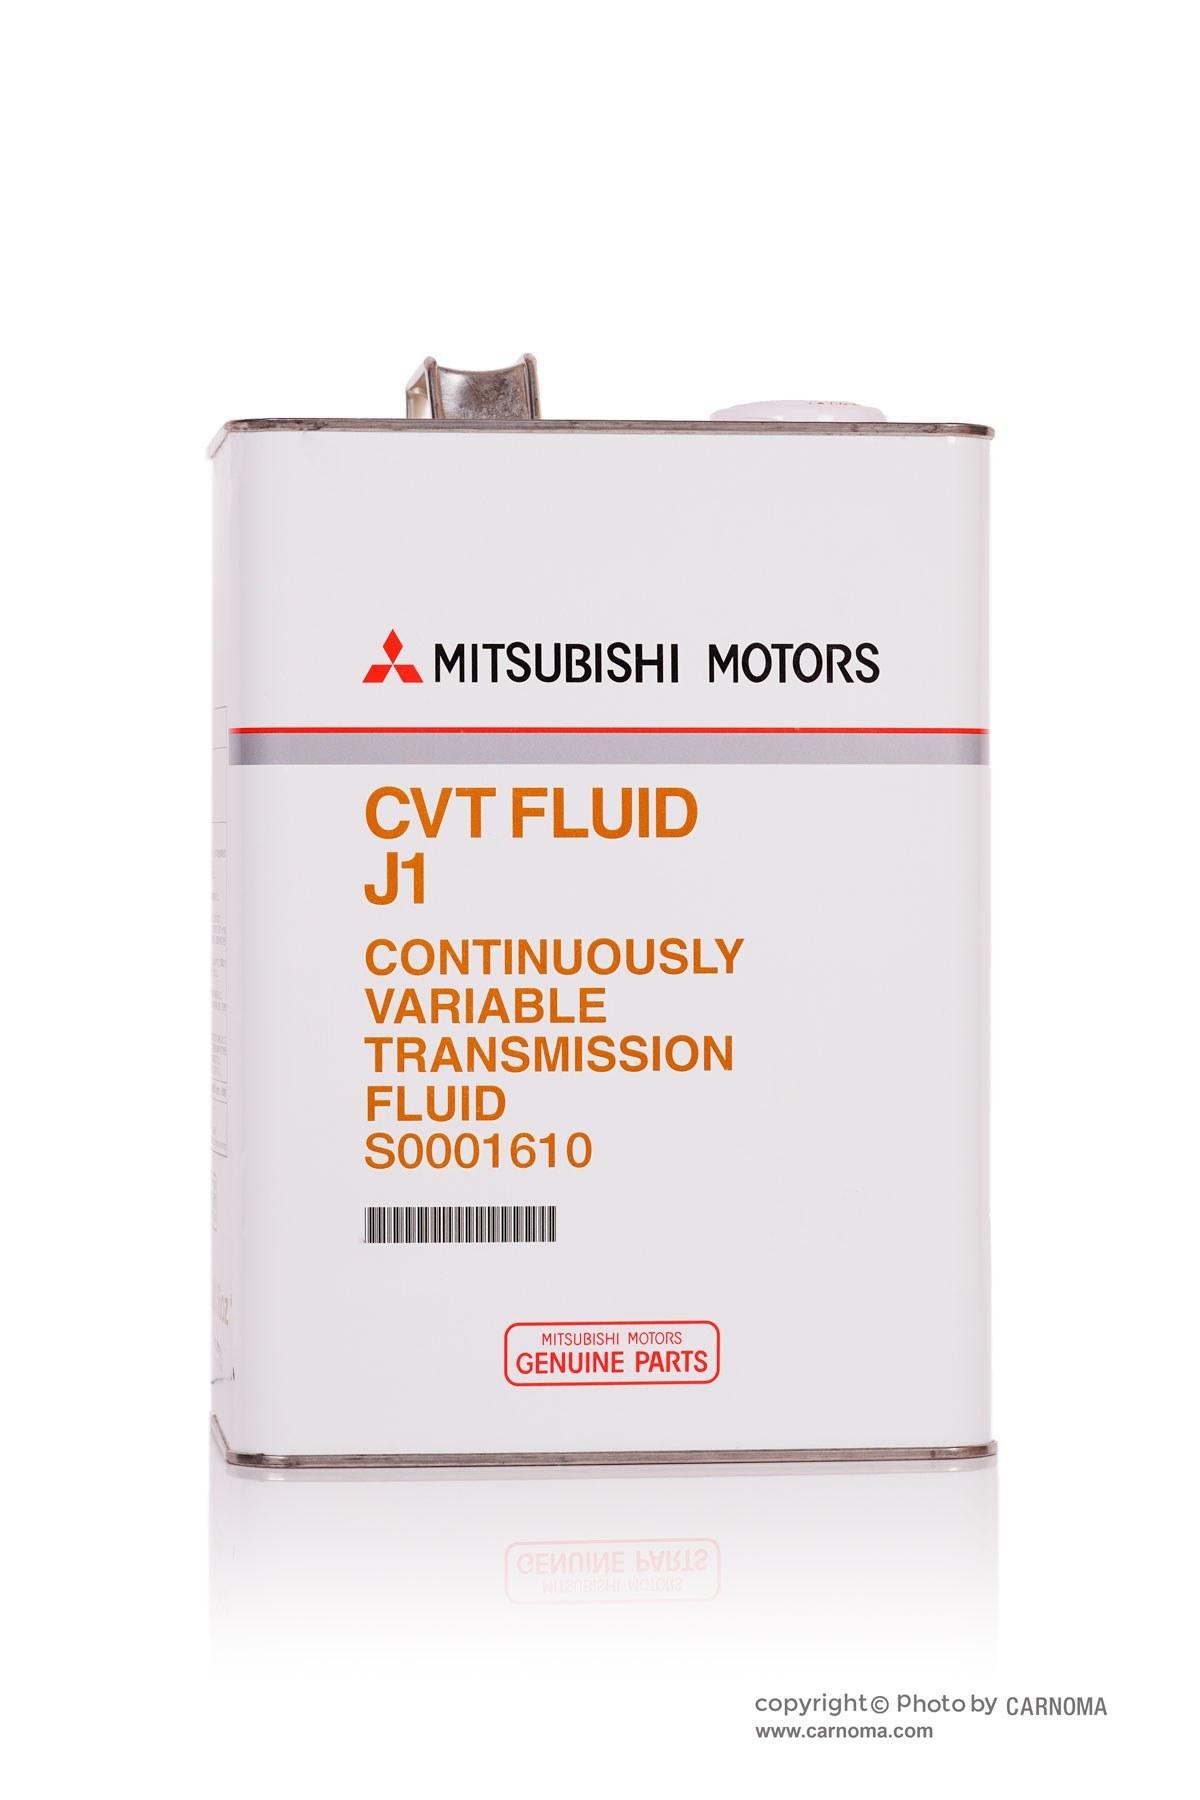 تصویر روغن گیربکس میتسوبیشی CVT Fluid J1 حجم چهارلیتر Mitsubishi CVT Fluid J1 Genuine Parts S0001610 4Lit